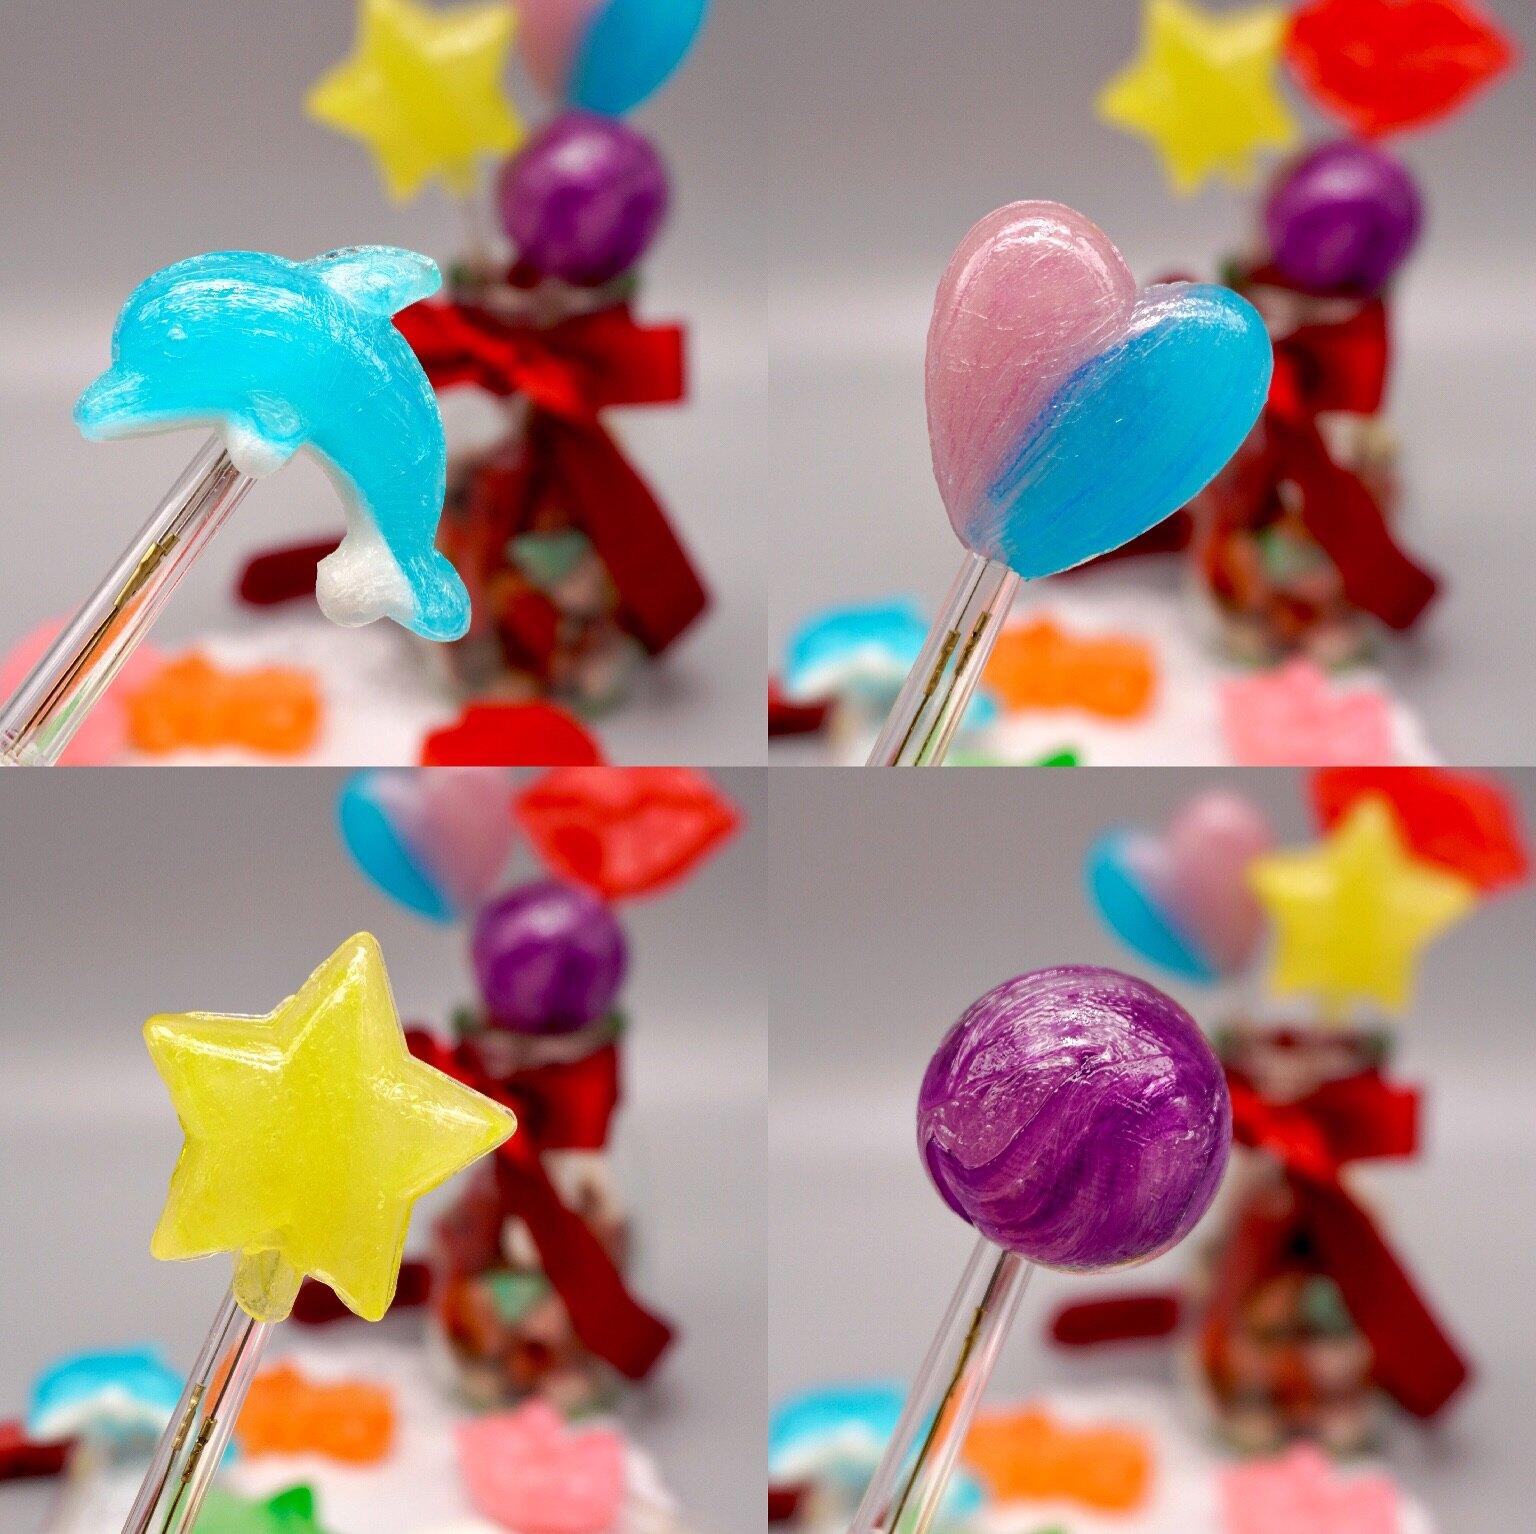 嘴甜甜 LED閃亮棒棒糖 棒棒糖系列 發光棒棒糖 水果棒棒糖 水果口味 婚禮小物 進場小物 玫瑰花 情人節 結婚 伴手禮 素食 現貨